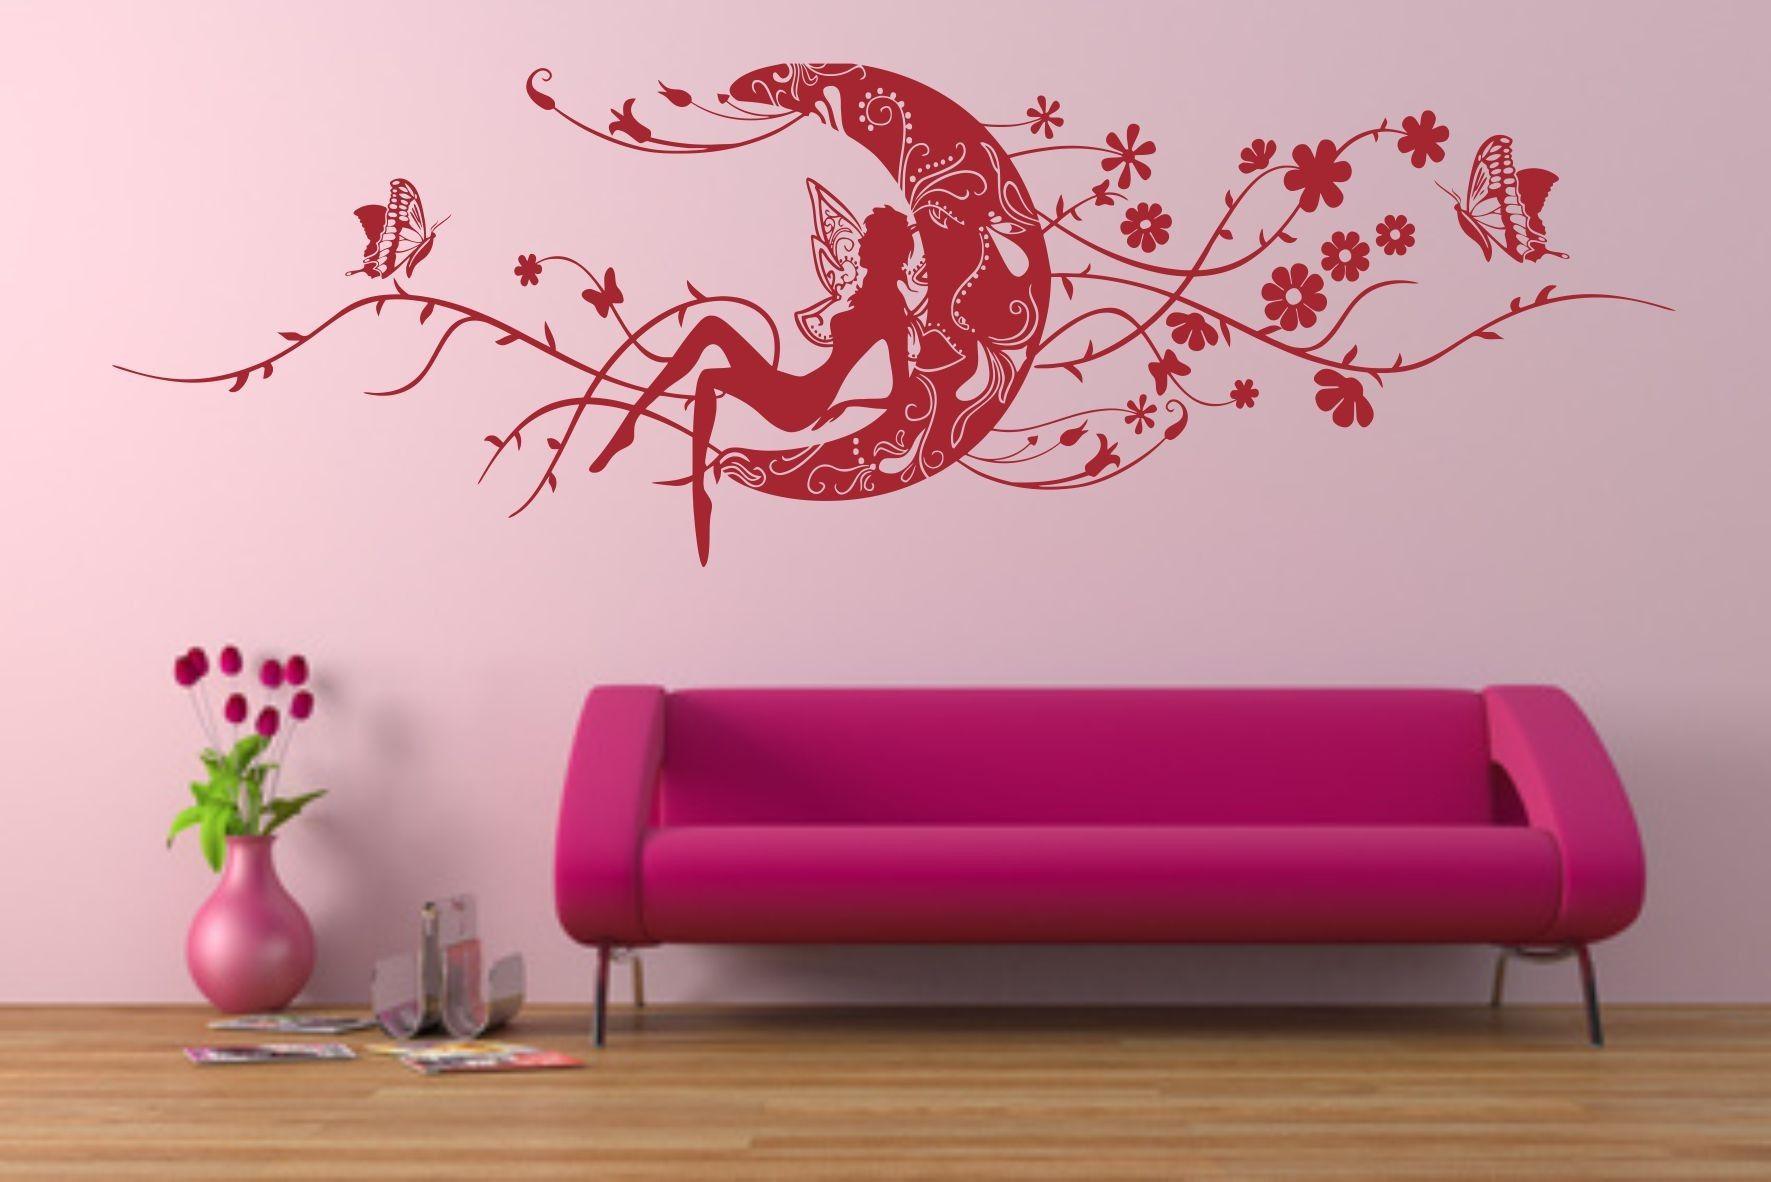 Hada en luna vinilo decorativo vinilos decorativos - Pegatinas para decorar ...